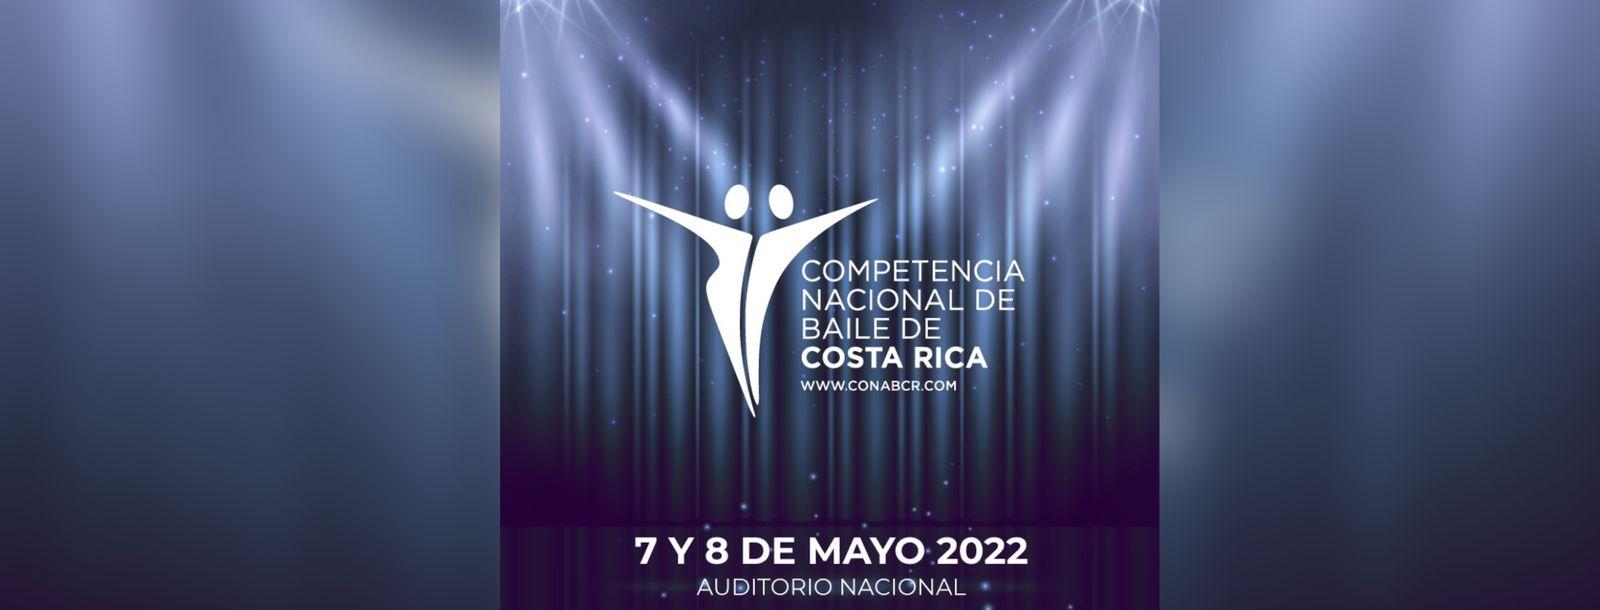 Competencia Nacional de Baile Costa Rica